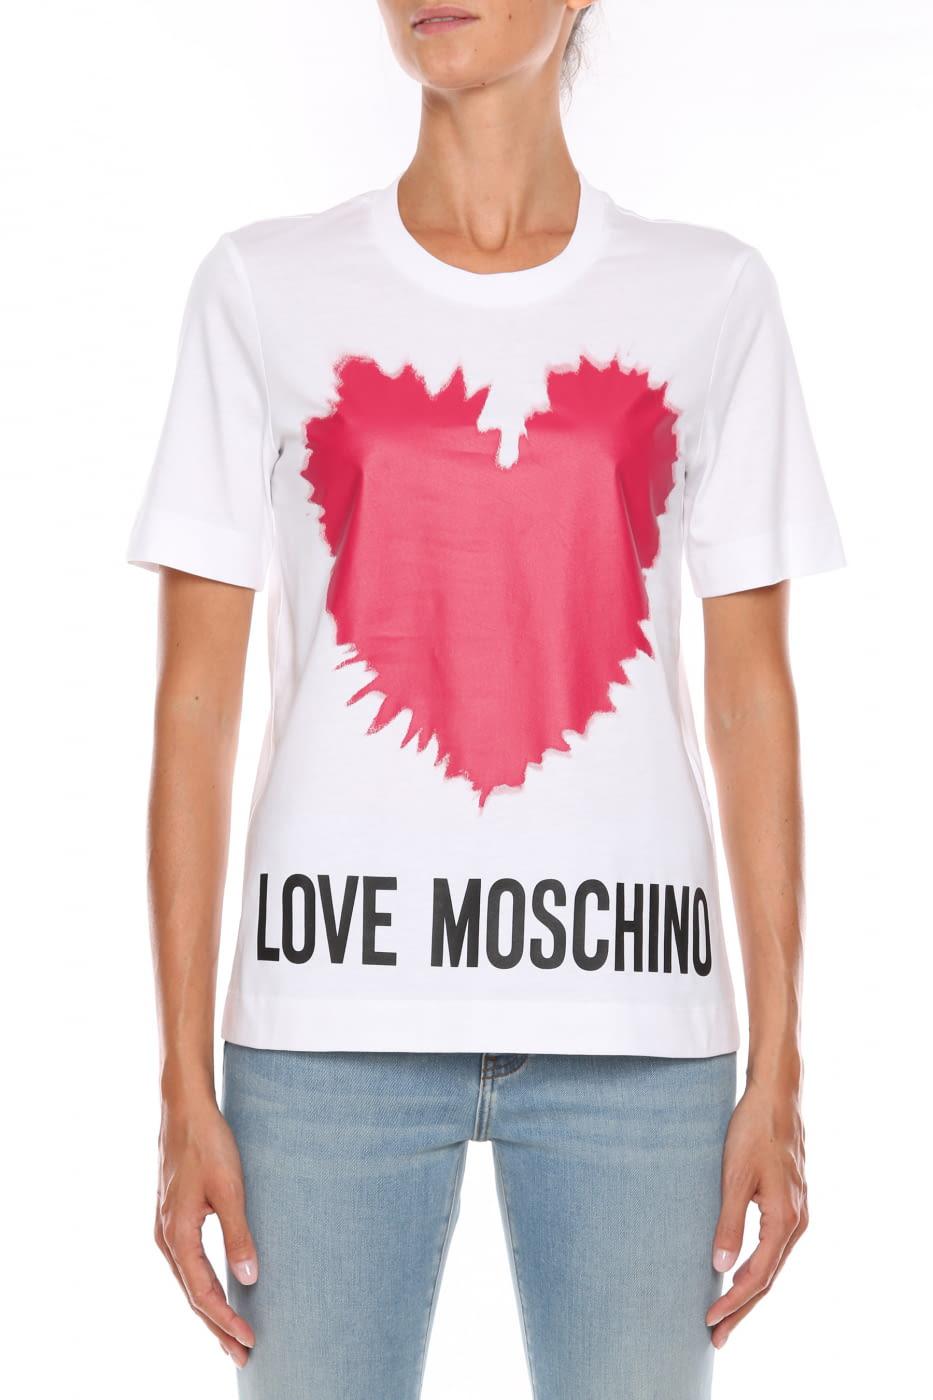 LOVE MOSCHINO camiseta blanca con logo y corazón